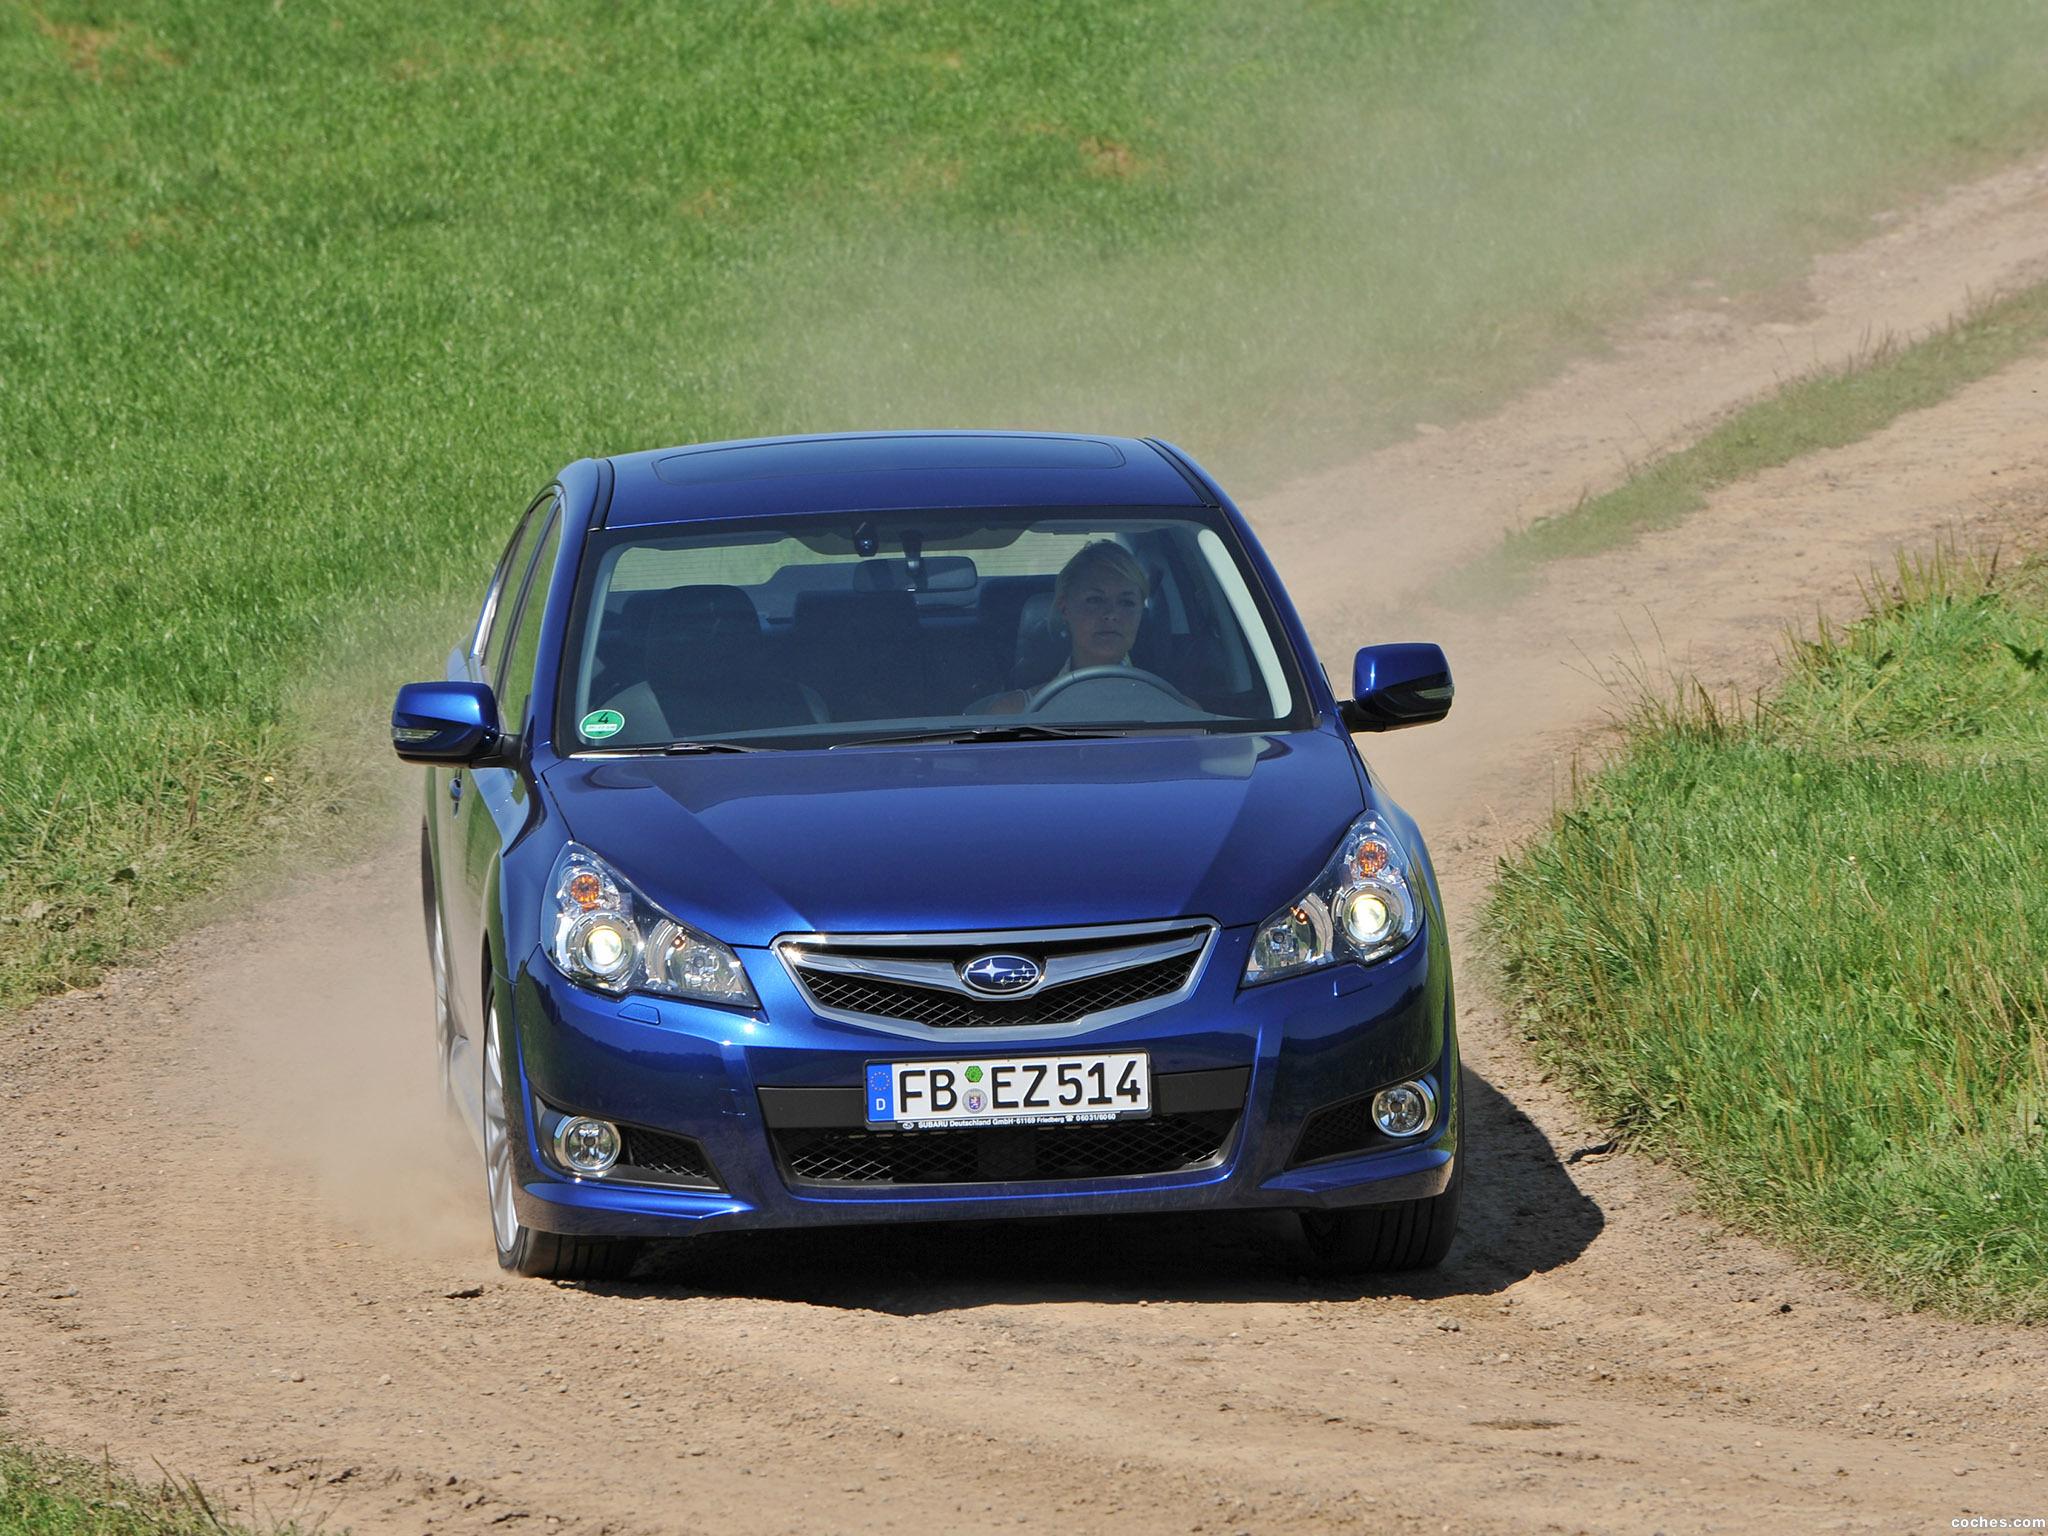 Foto 8 de Subaru Legacy Europe 2009